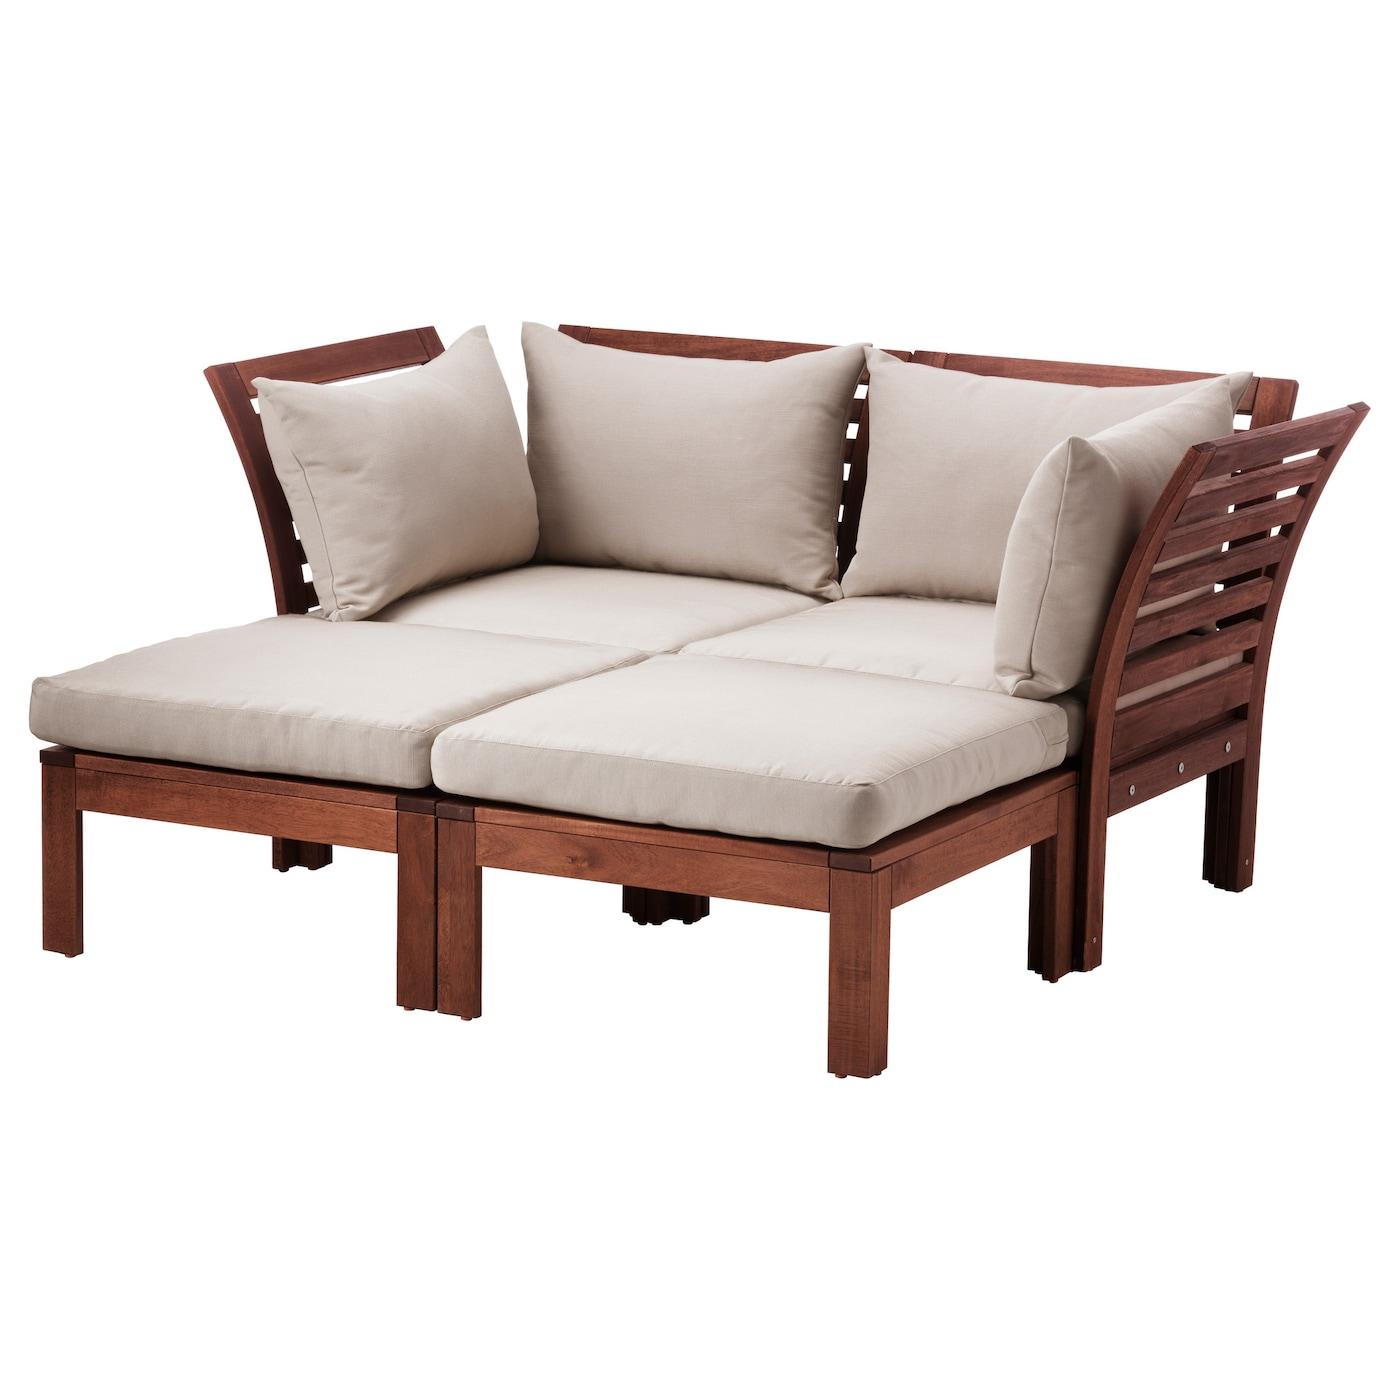 outdoor ikea furniture. IKEA ÄPPLARÖ 2-seat Sofa W 2 Footstools, Outdoor Ikea Furniture